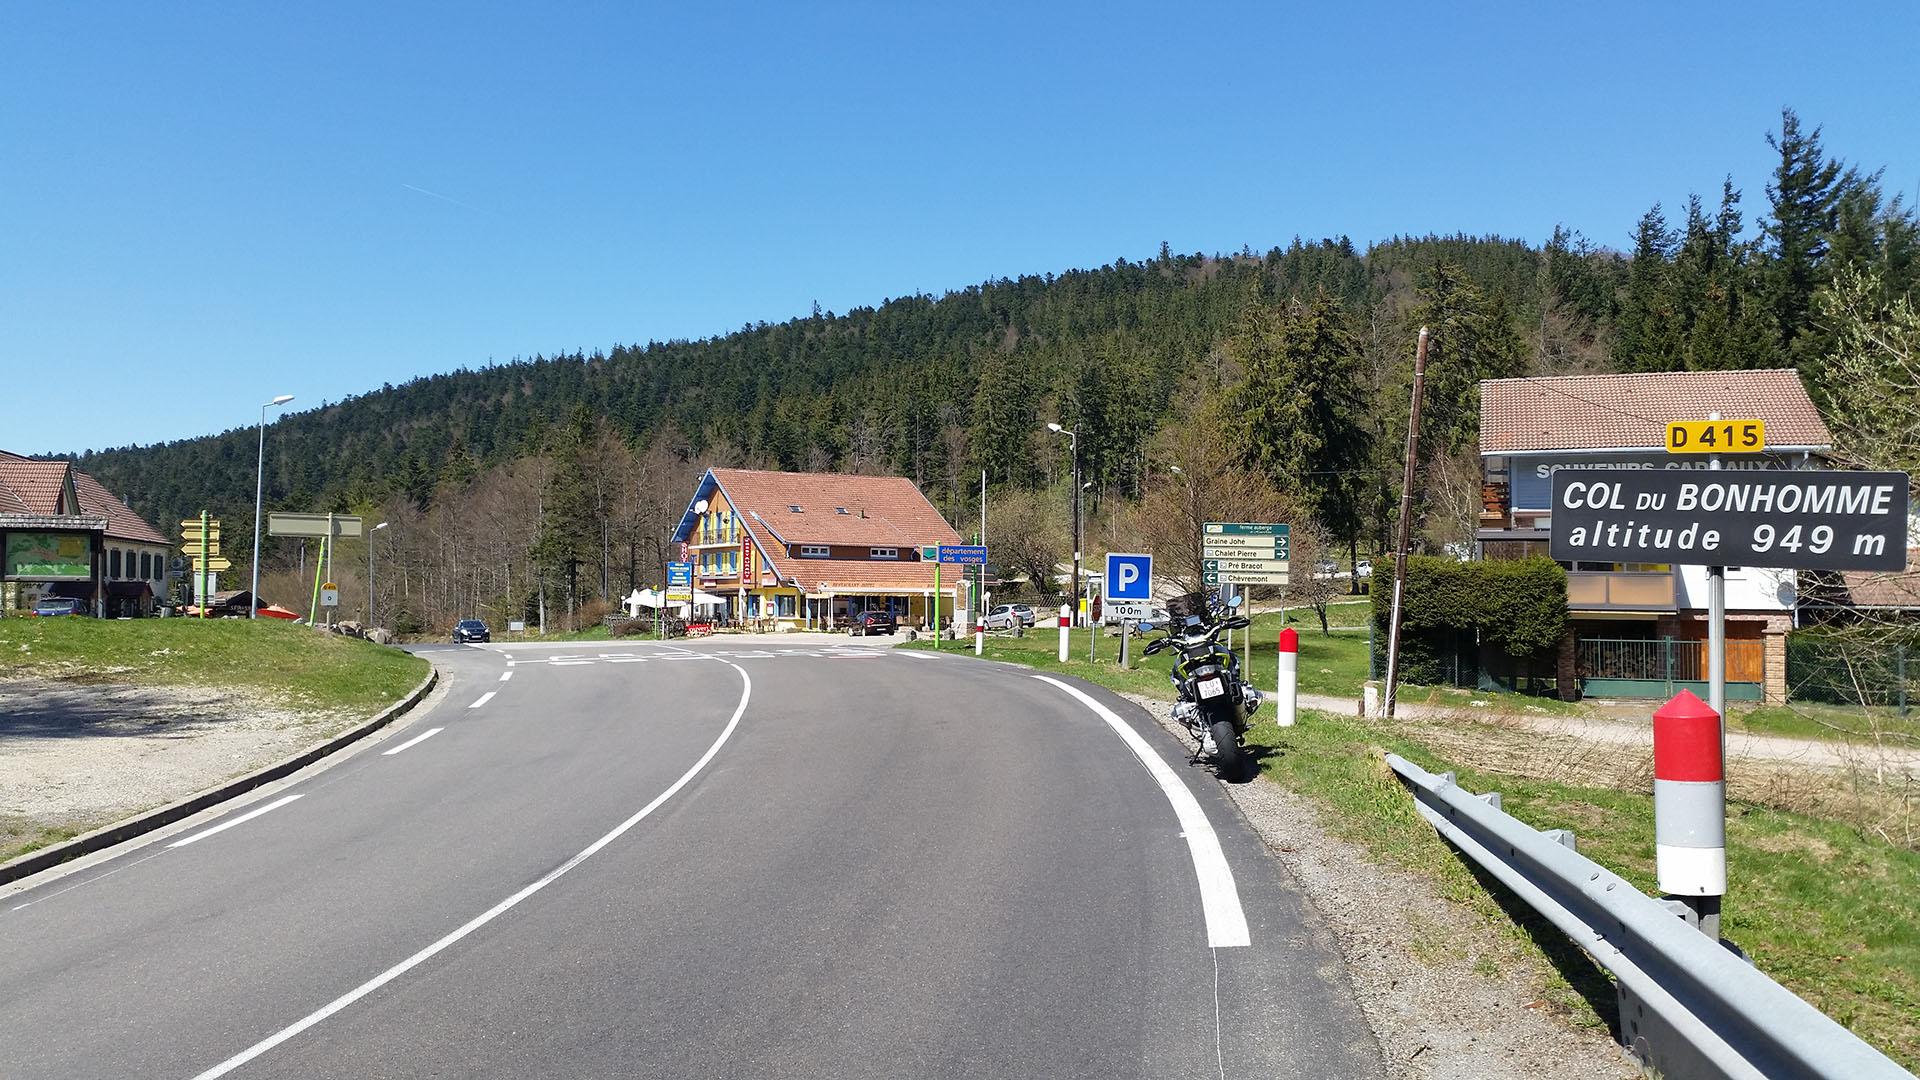 0949 - F - Col du Bonhomme